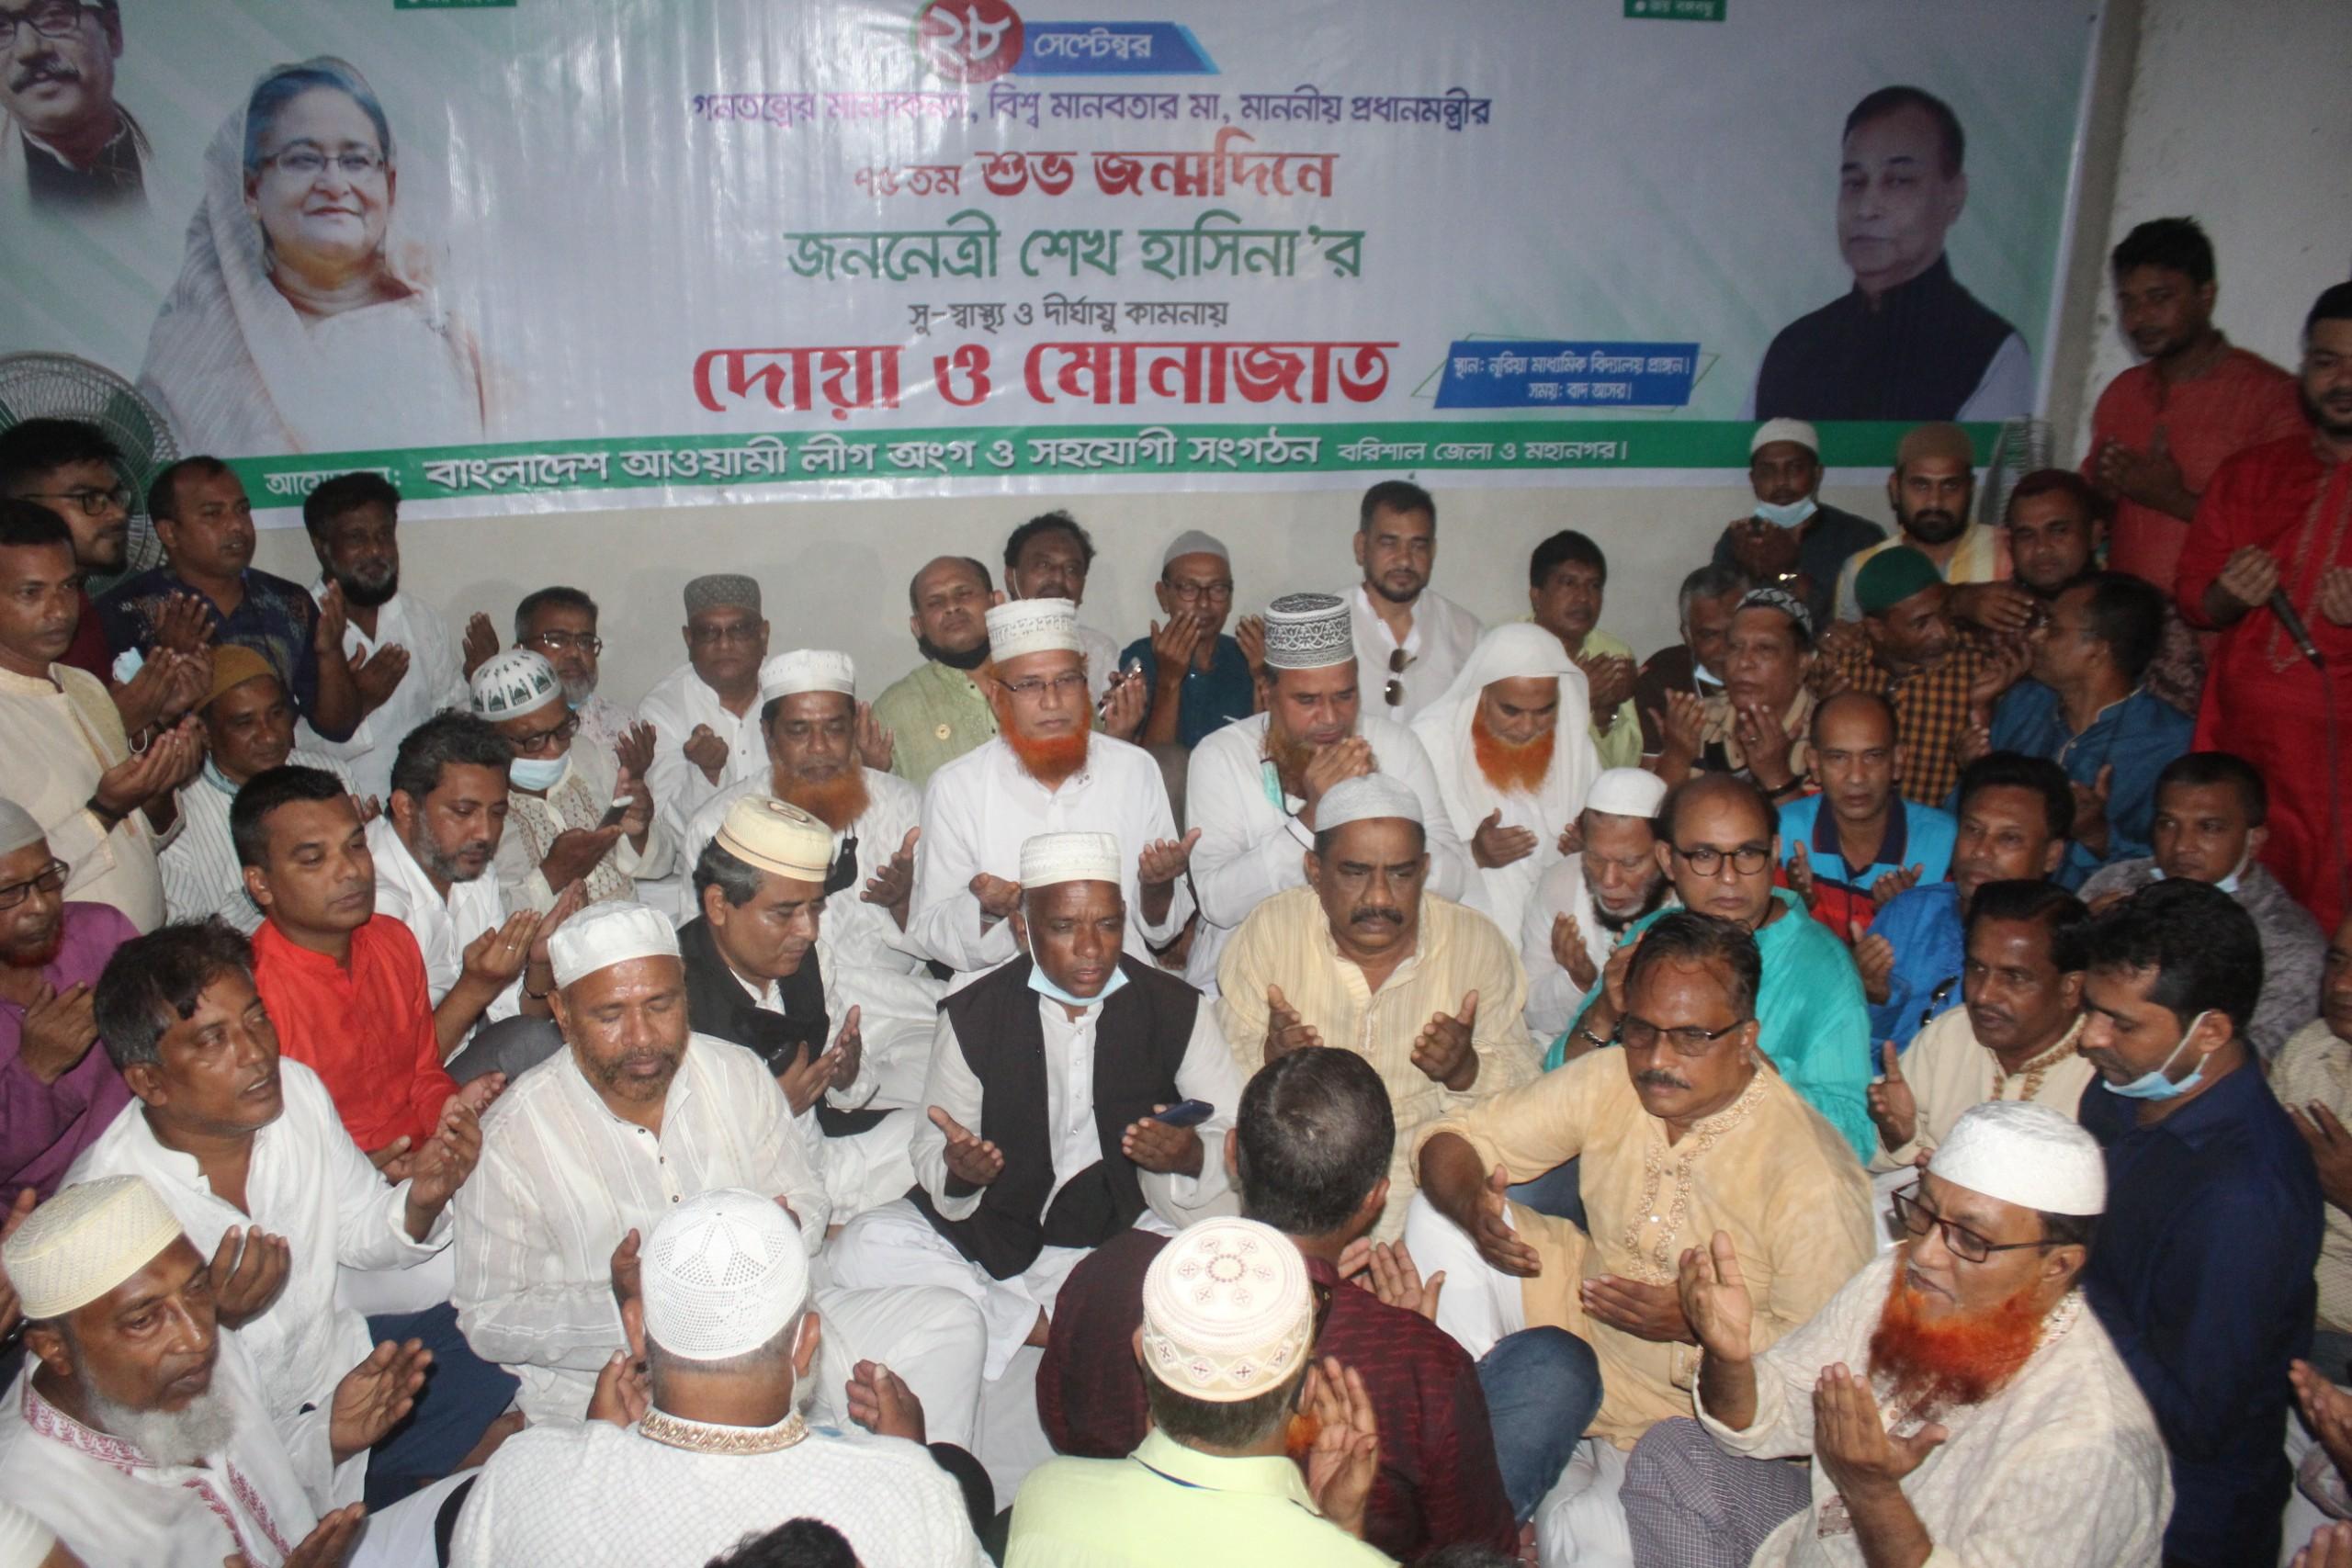 বরিশালে শেখ হাসিনার জম্মদিনে পানিসম্পদ প্রতিমন্ত্রী উদ্যোগে দোয়া মোনাজাত অনুষ্ঠিত